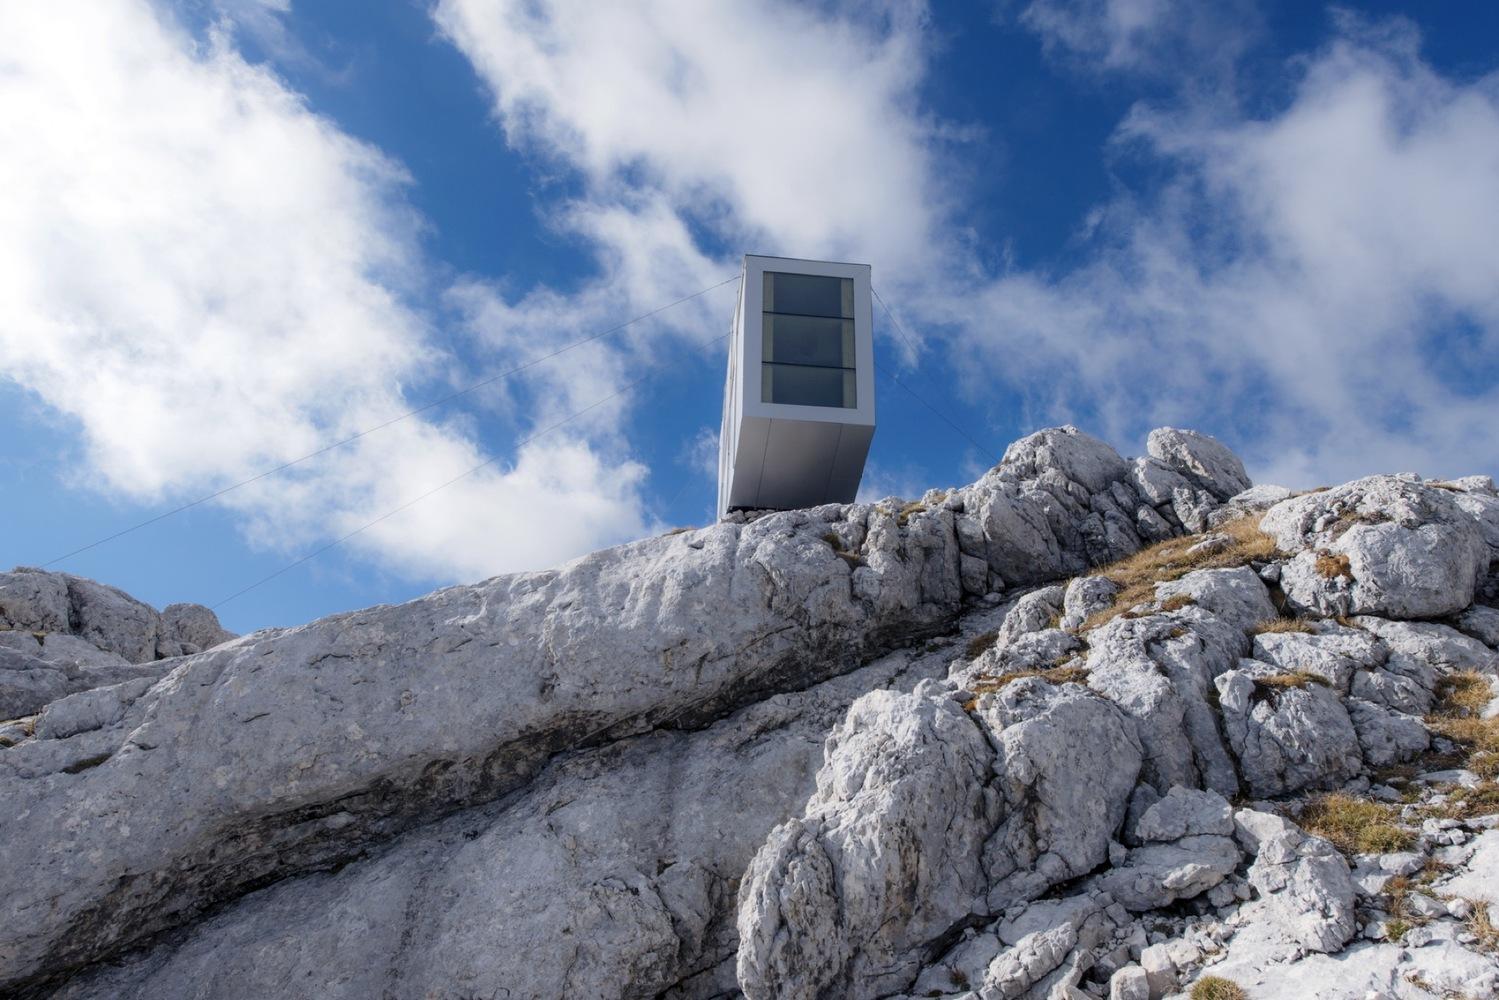 4_winter-cabin-on-mount-kanin_ofis-arhitekti_inspirationist